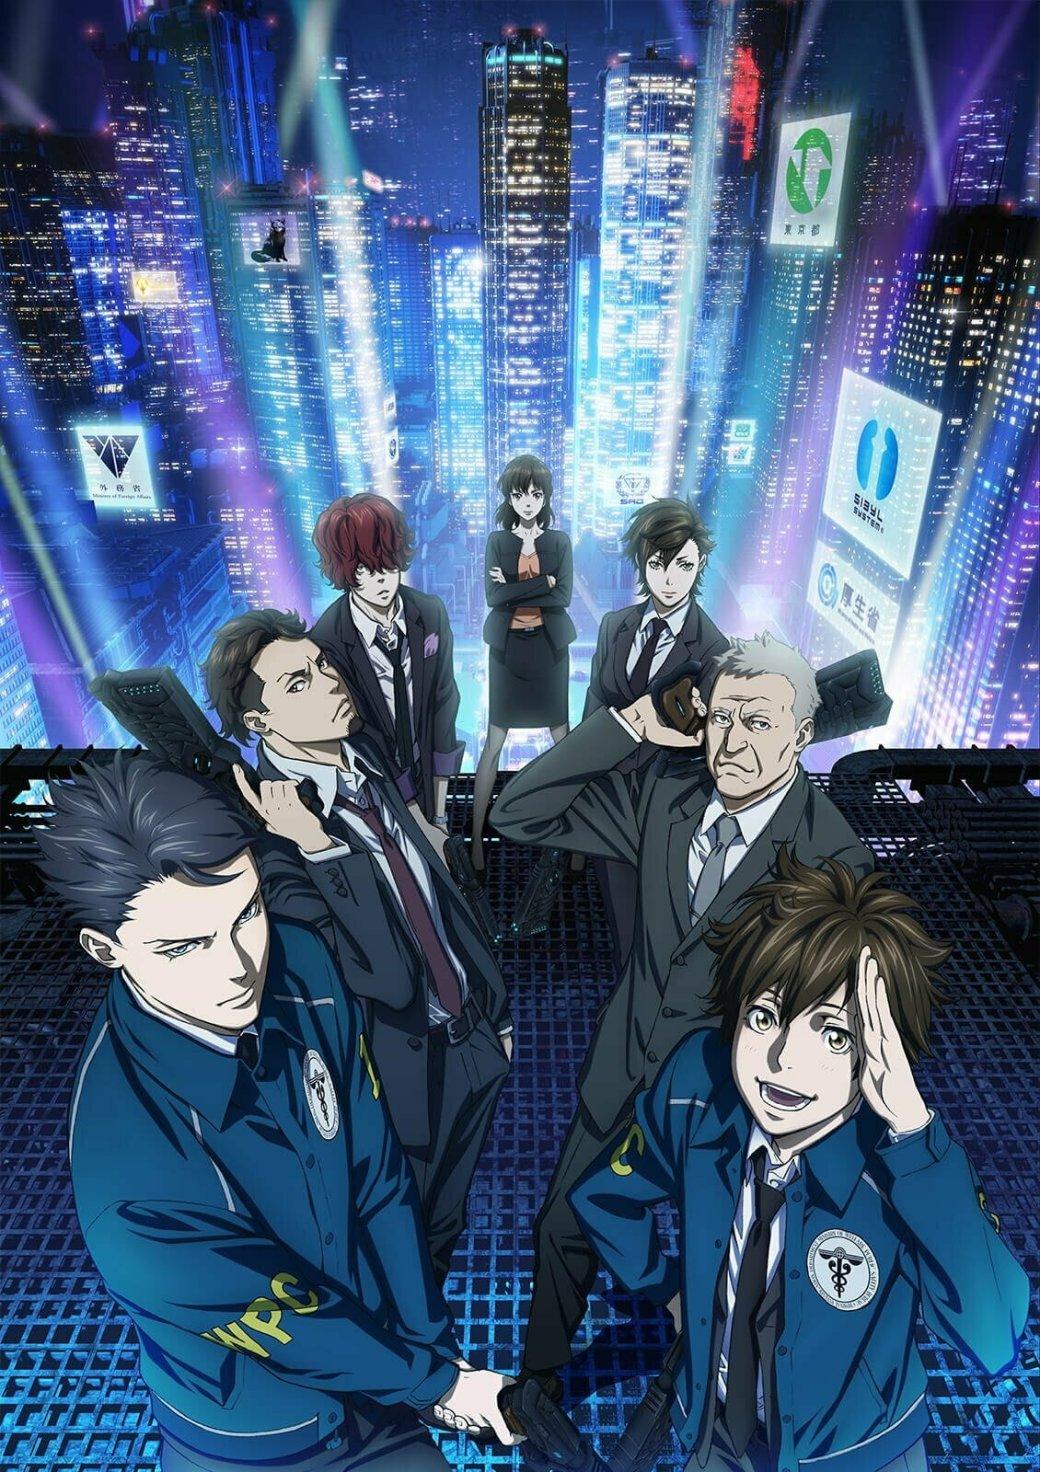 В трейлере третьего сезона аниме «Психопаспорт» показали новых героев кошмарной антиутопии!